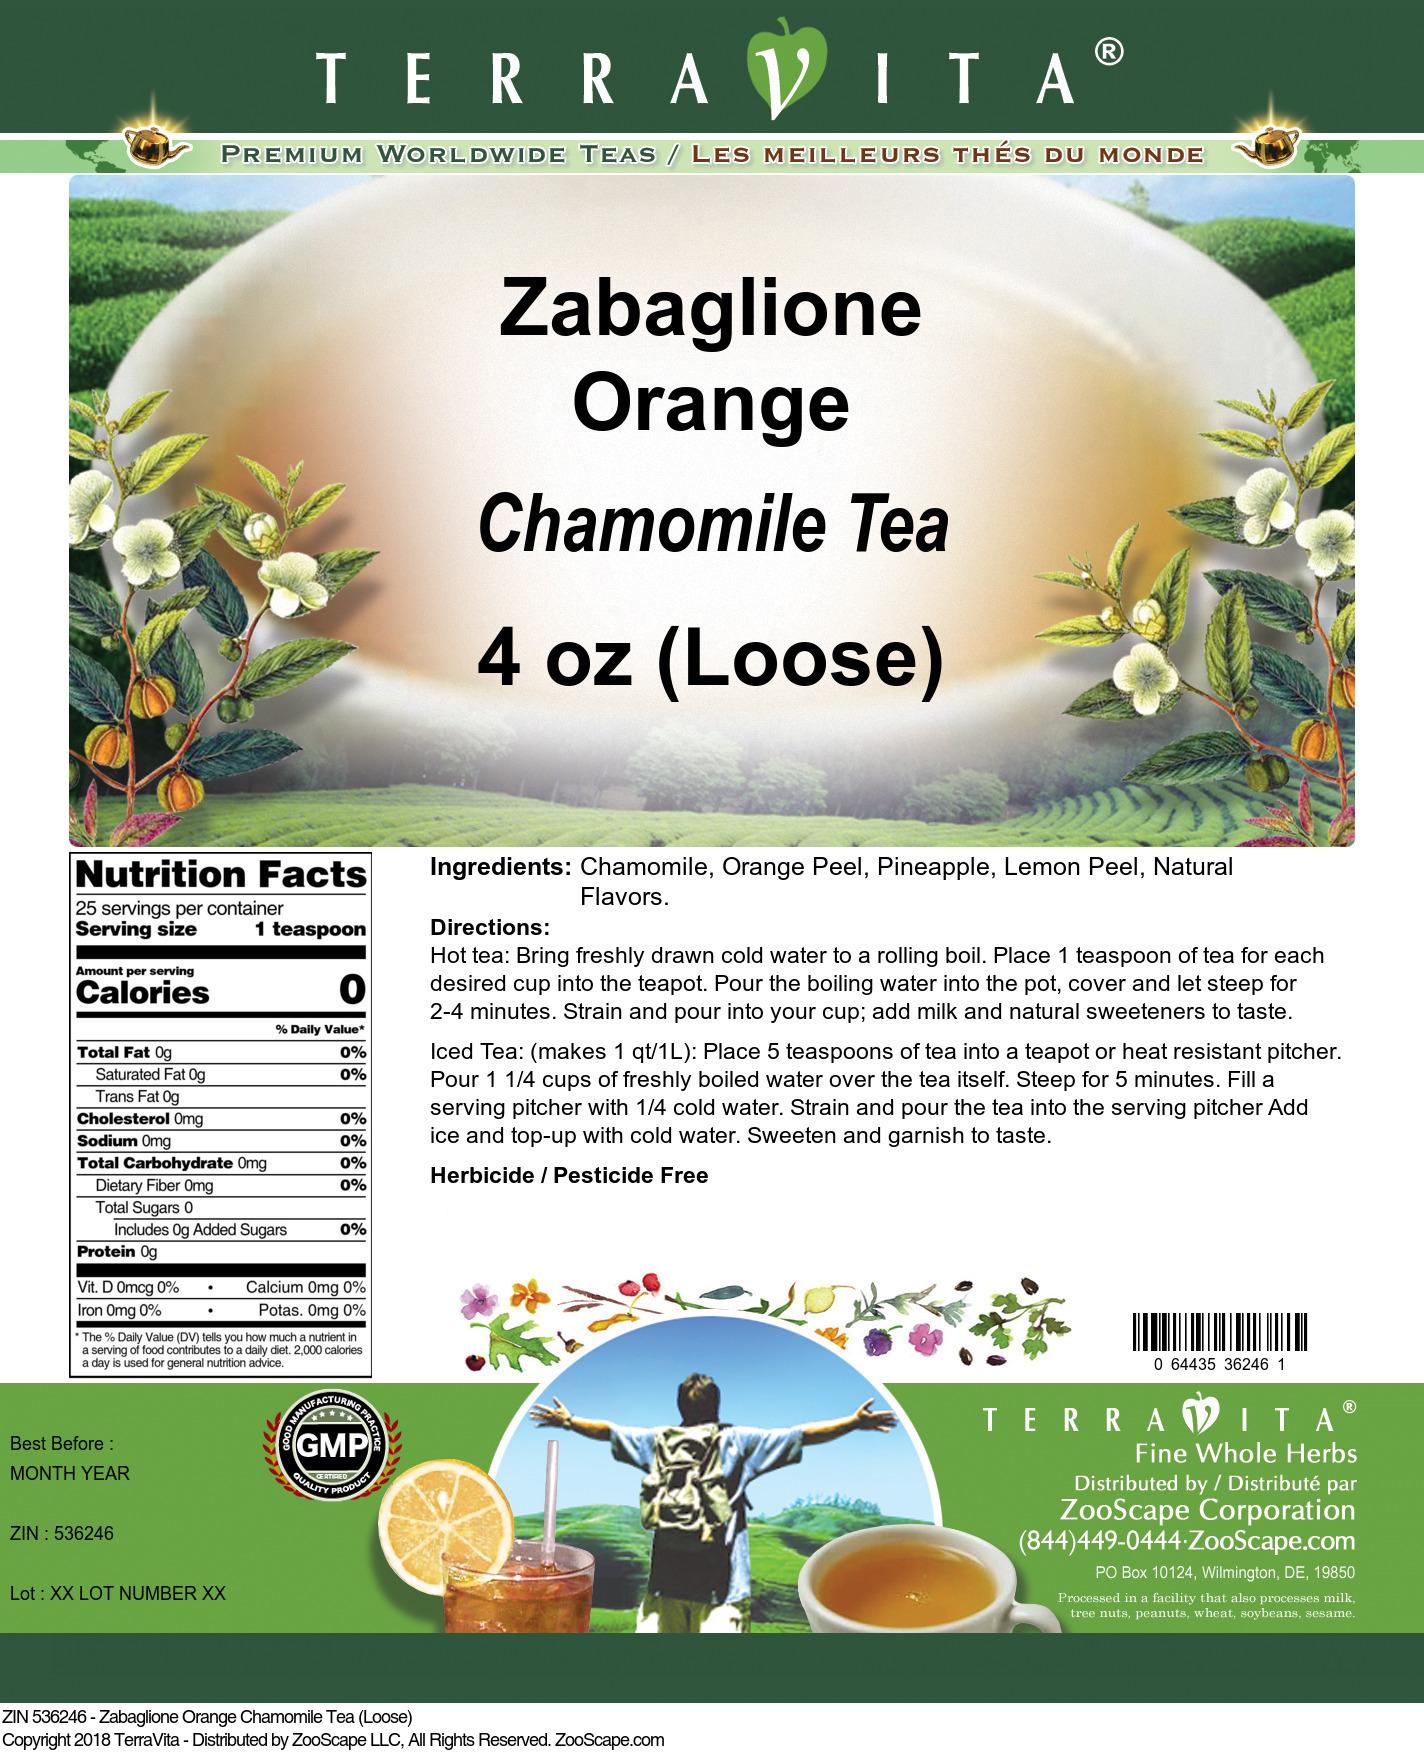 Zabaglione Orange Chamomile Tea (Loose)